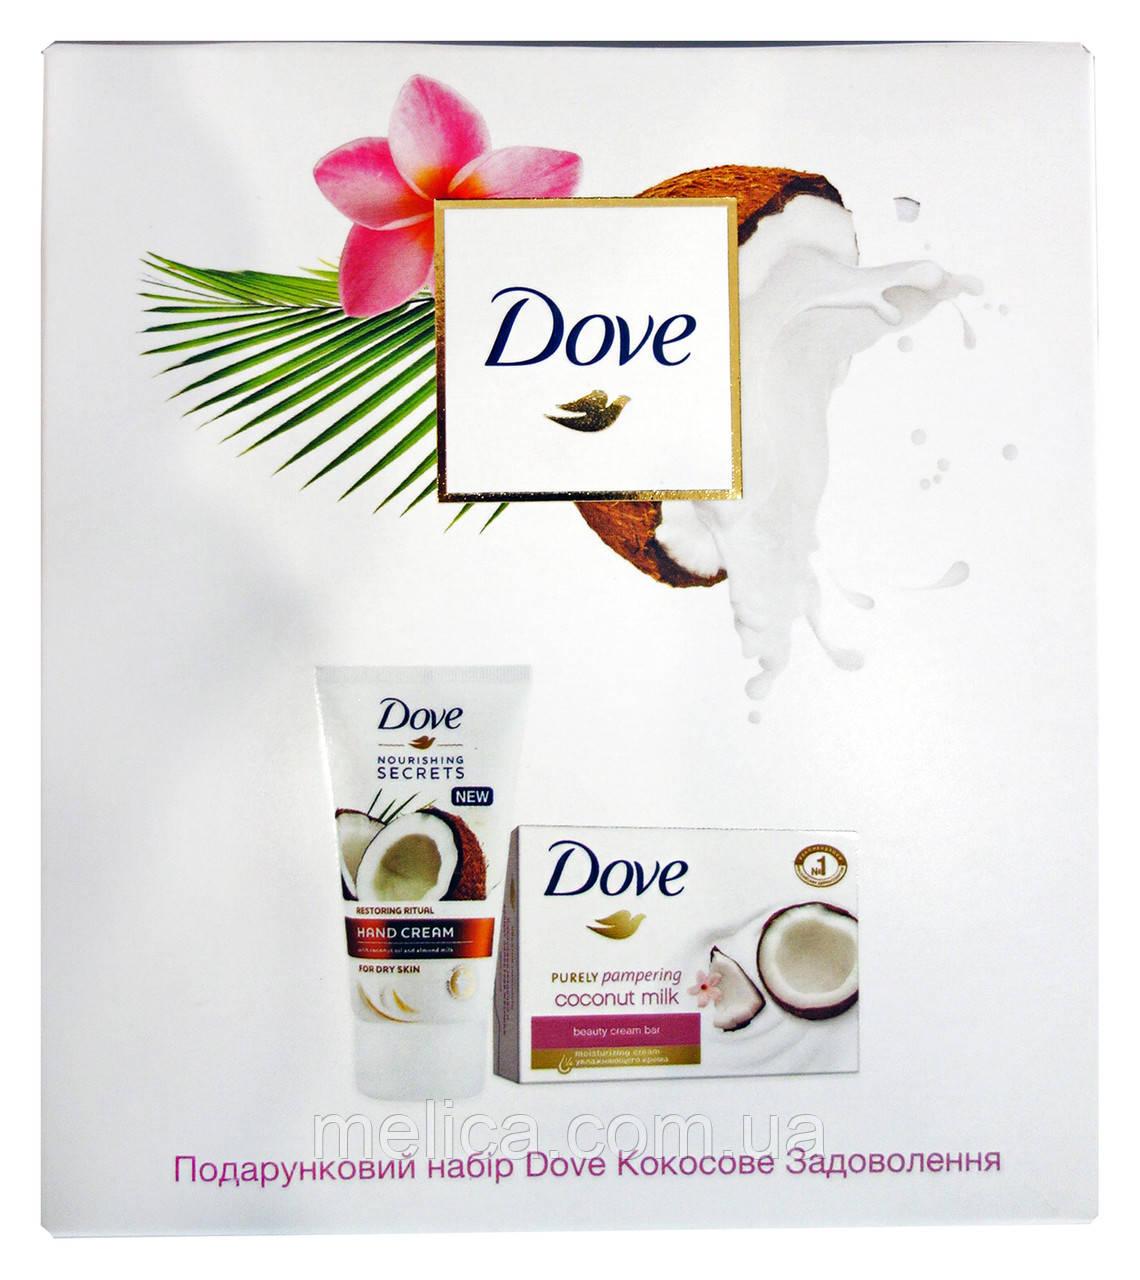 Подарочный набор Dove Кокосовое Удовольствие (крем-мыло + крем для рук)